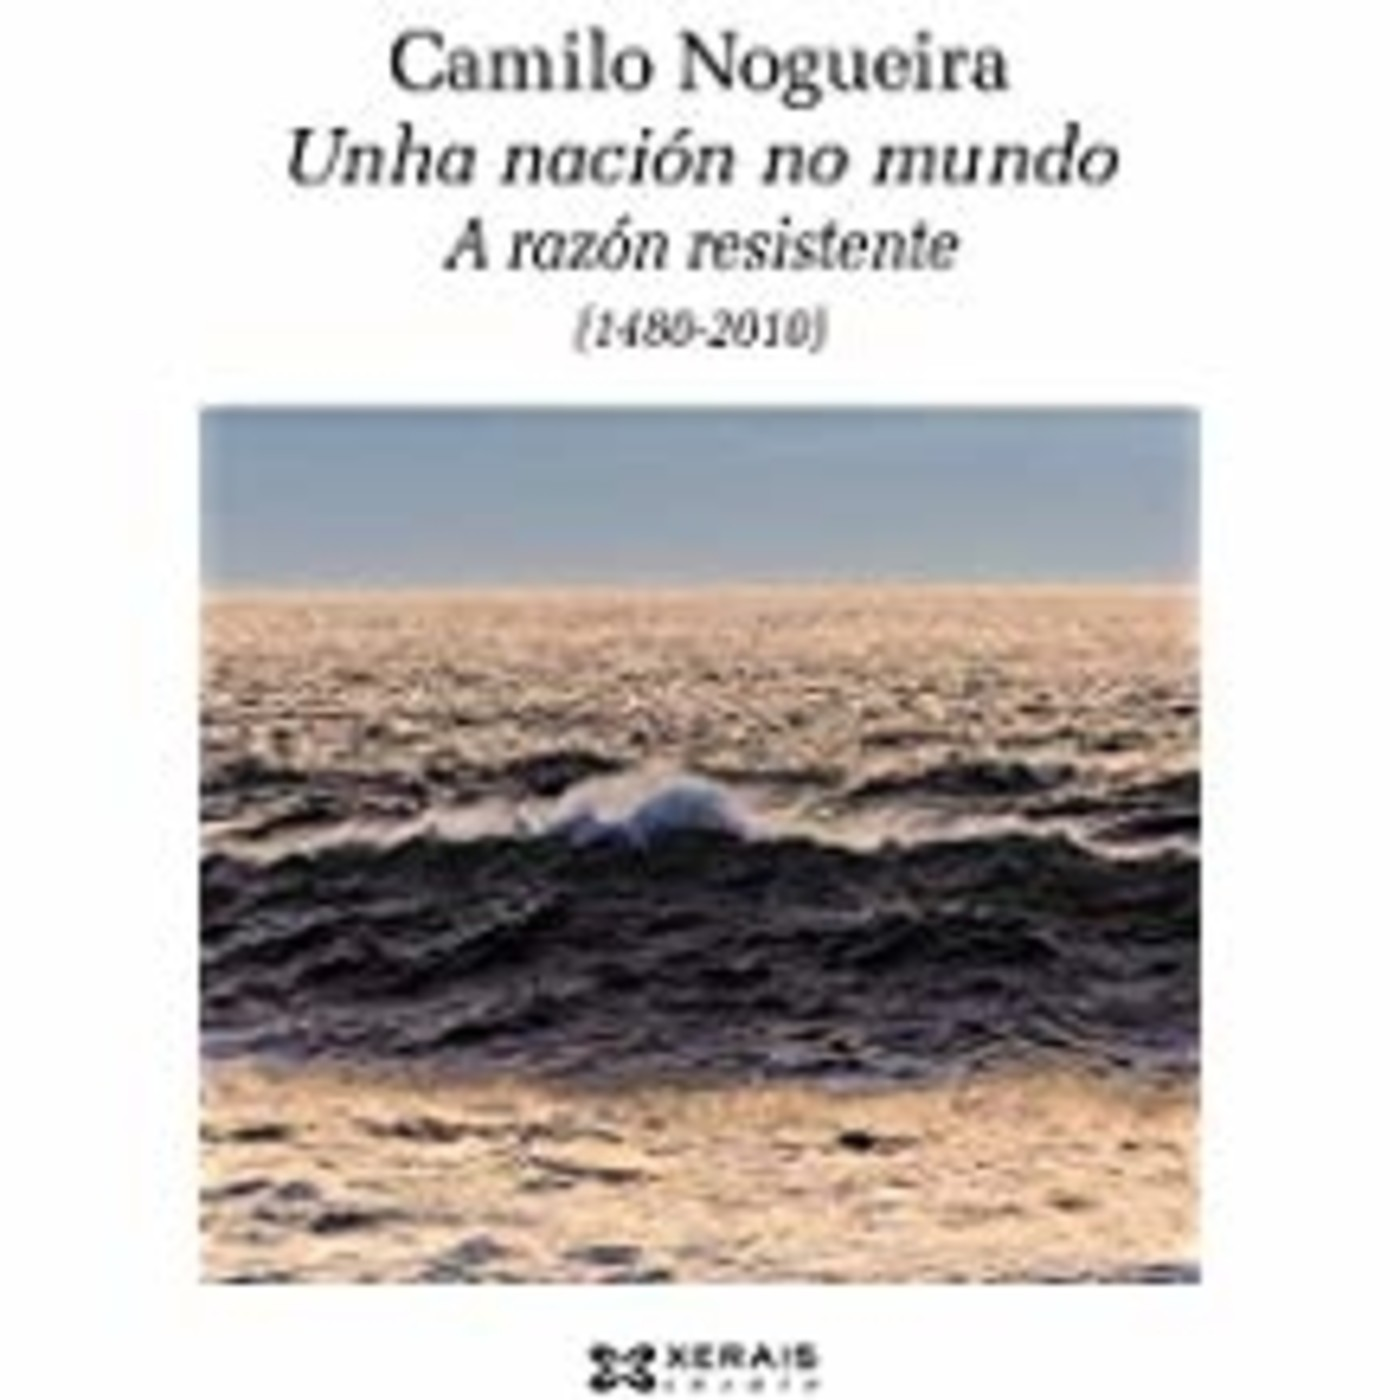 Entrevista a Camilo Nogueira sobre o libro Unha nación no mundo – A razón resistente. (Entrevista completa)